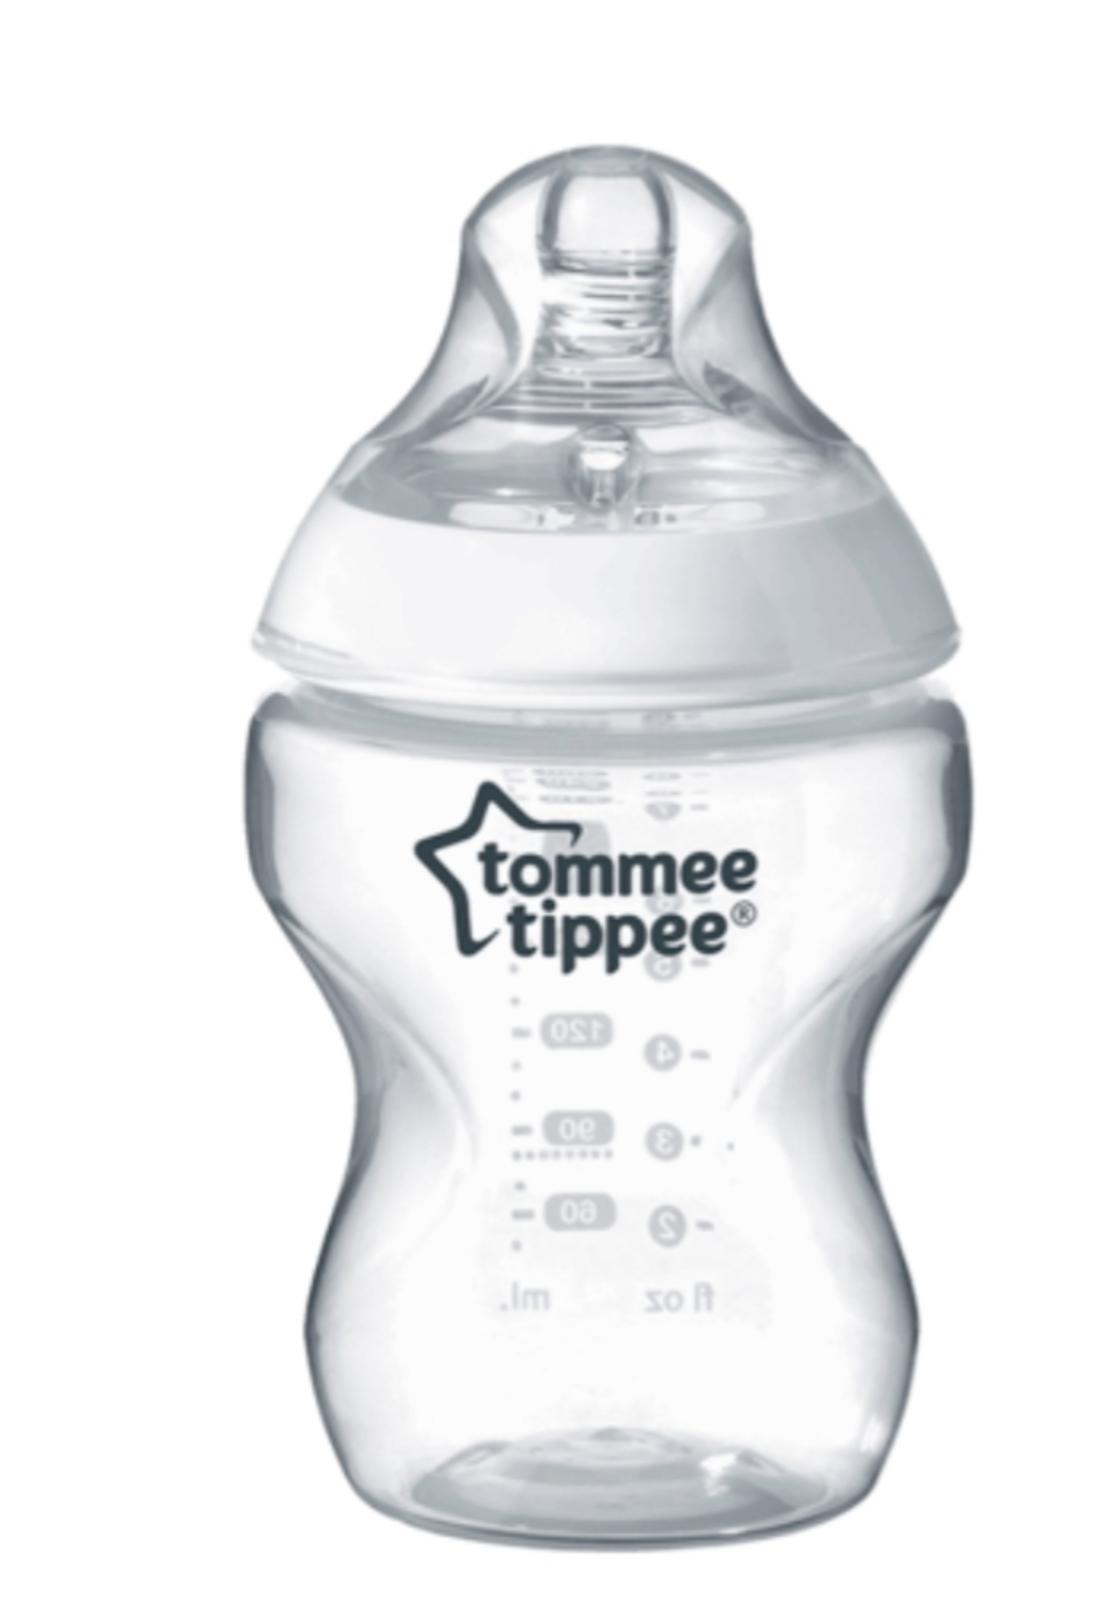 בקבוק טומי טיפי בודד 🌟 מבצע 🌟